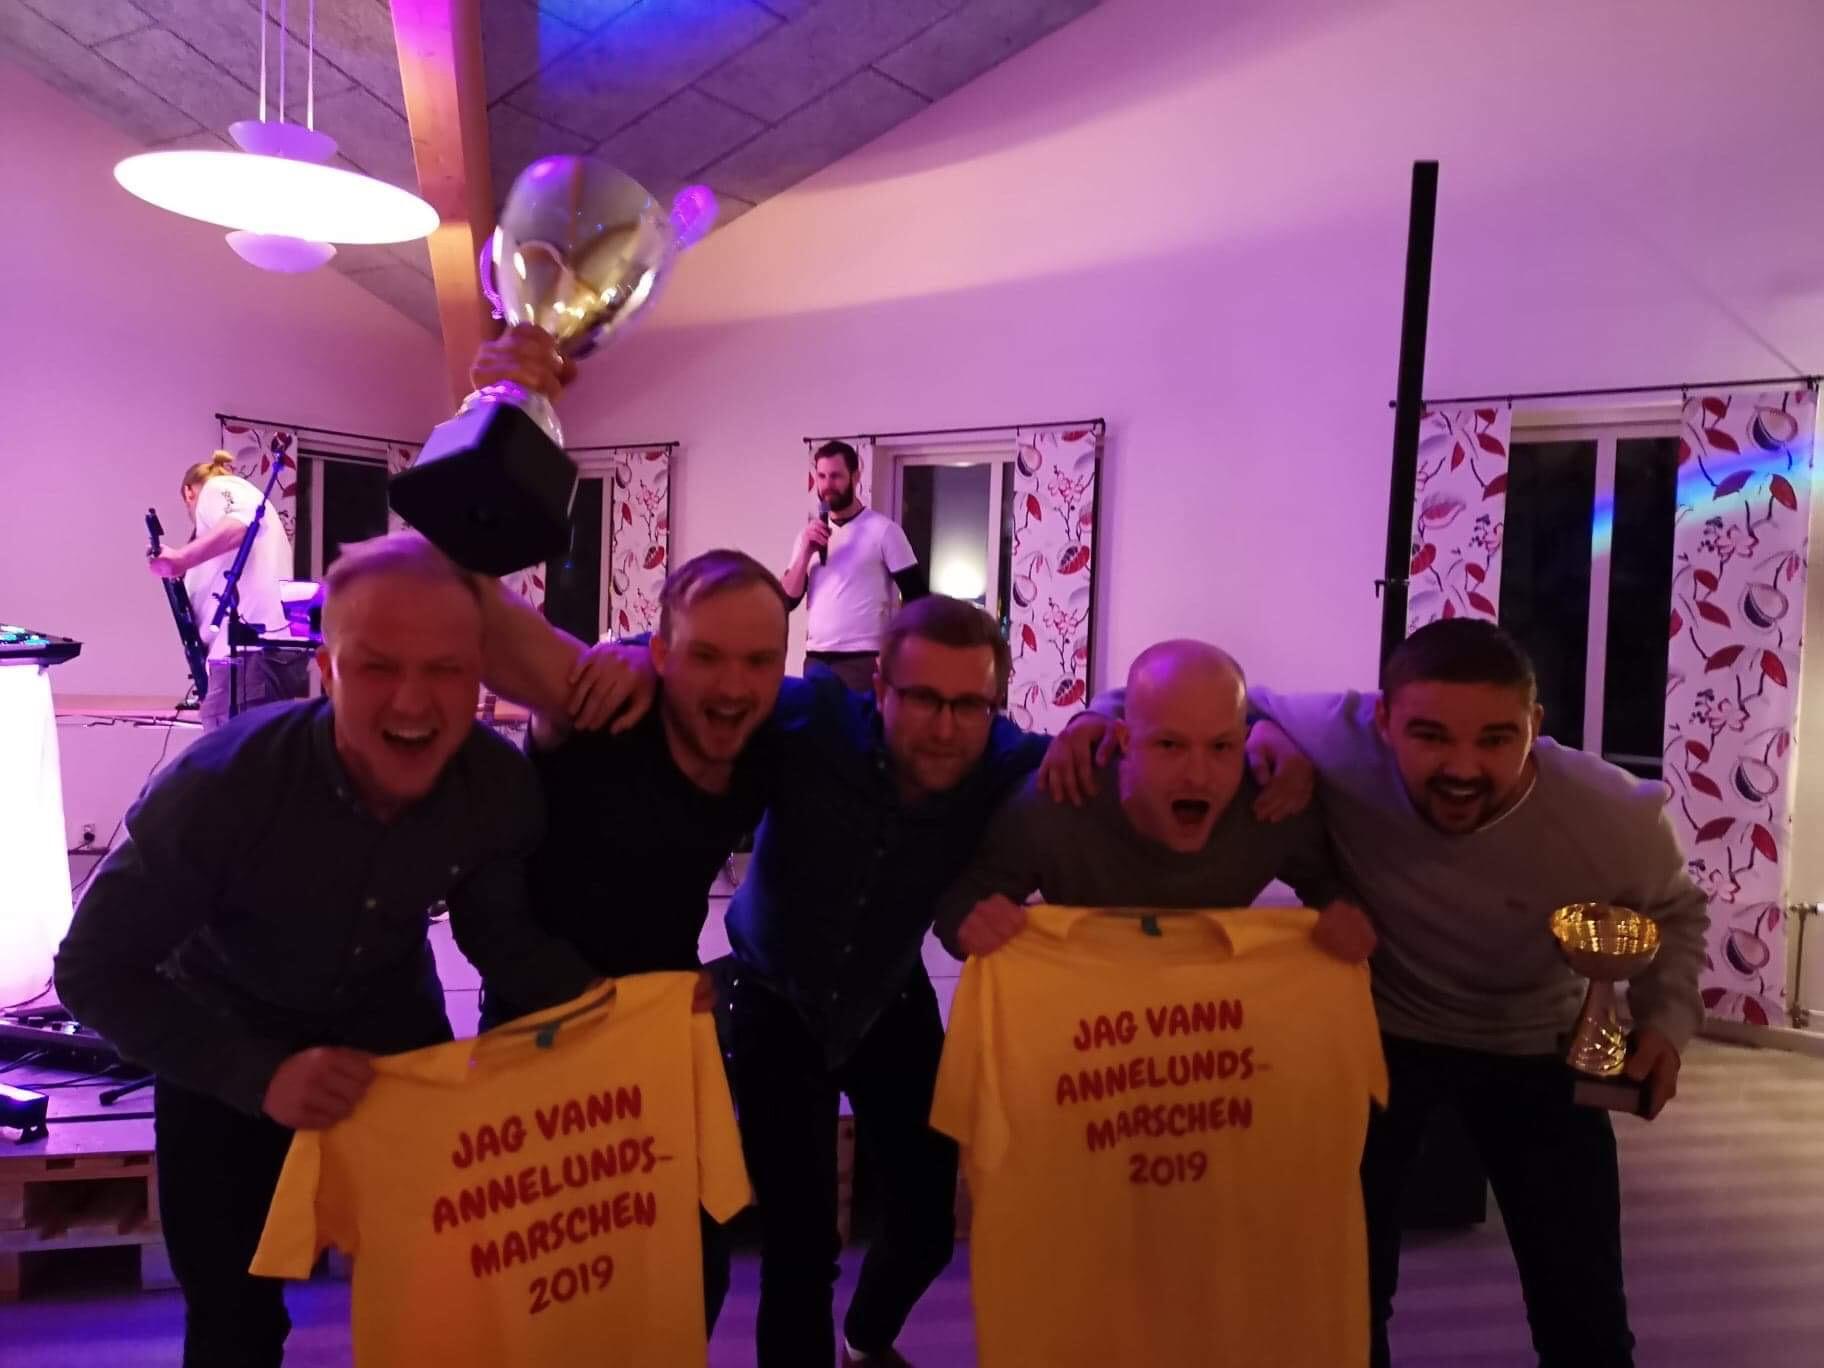 Segervrål från Molla Knatters - Vinnare av Annelundsmarschen 2019